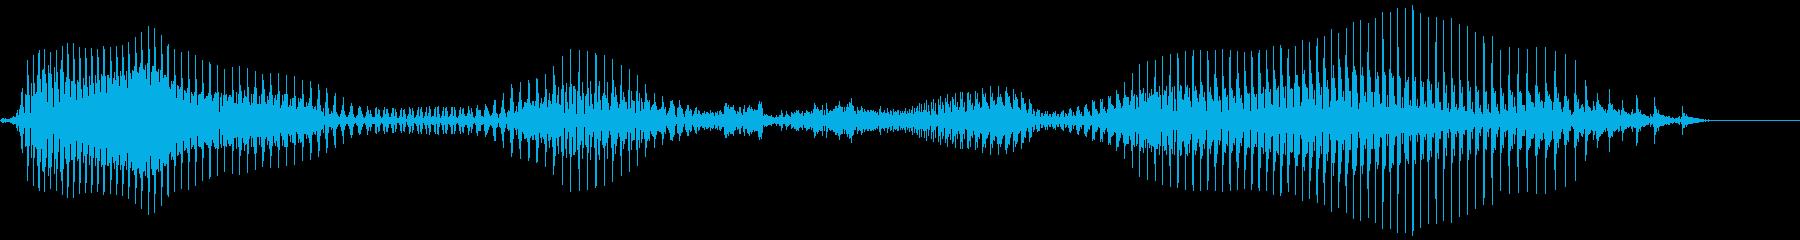 おもしれえの再生済みの波形